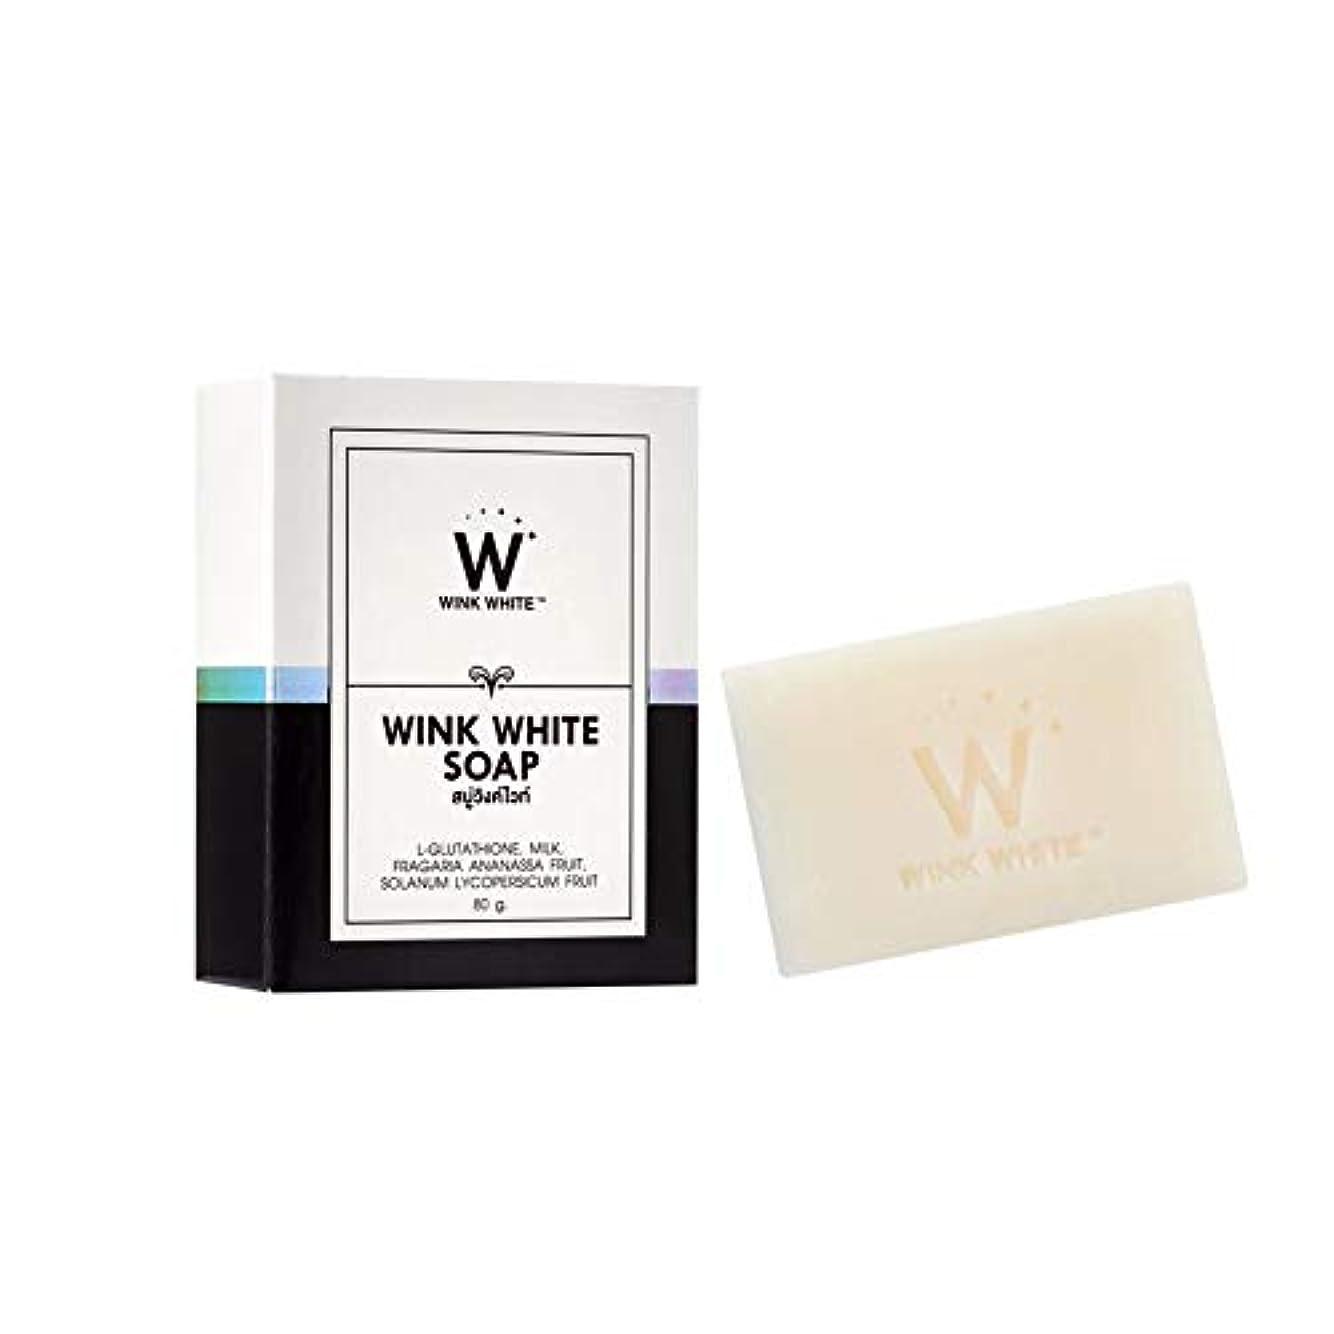 フォーマット実行するクリエイティブSoap Net Nature White Soap Base Wink White Soap Gluta Pure Skin Body Whitening Strawberry for Whitening Skin All...